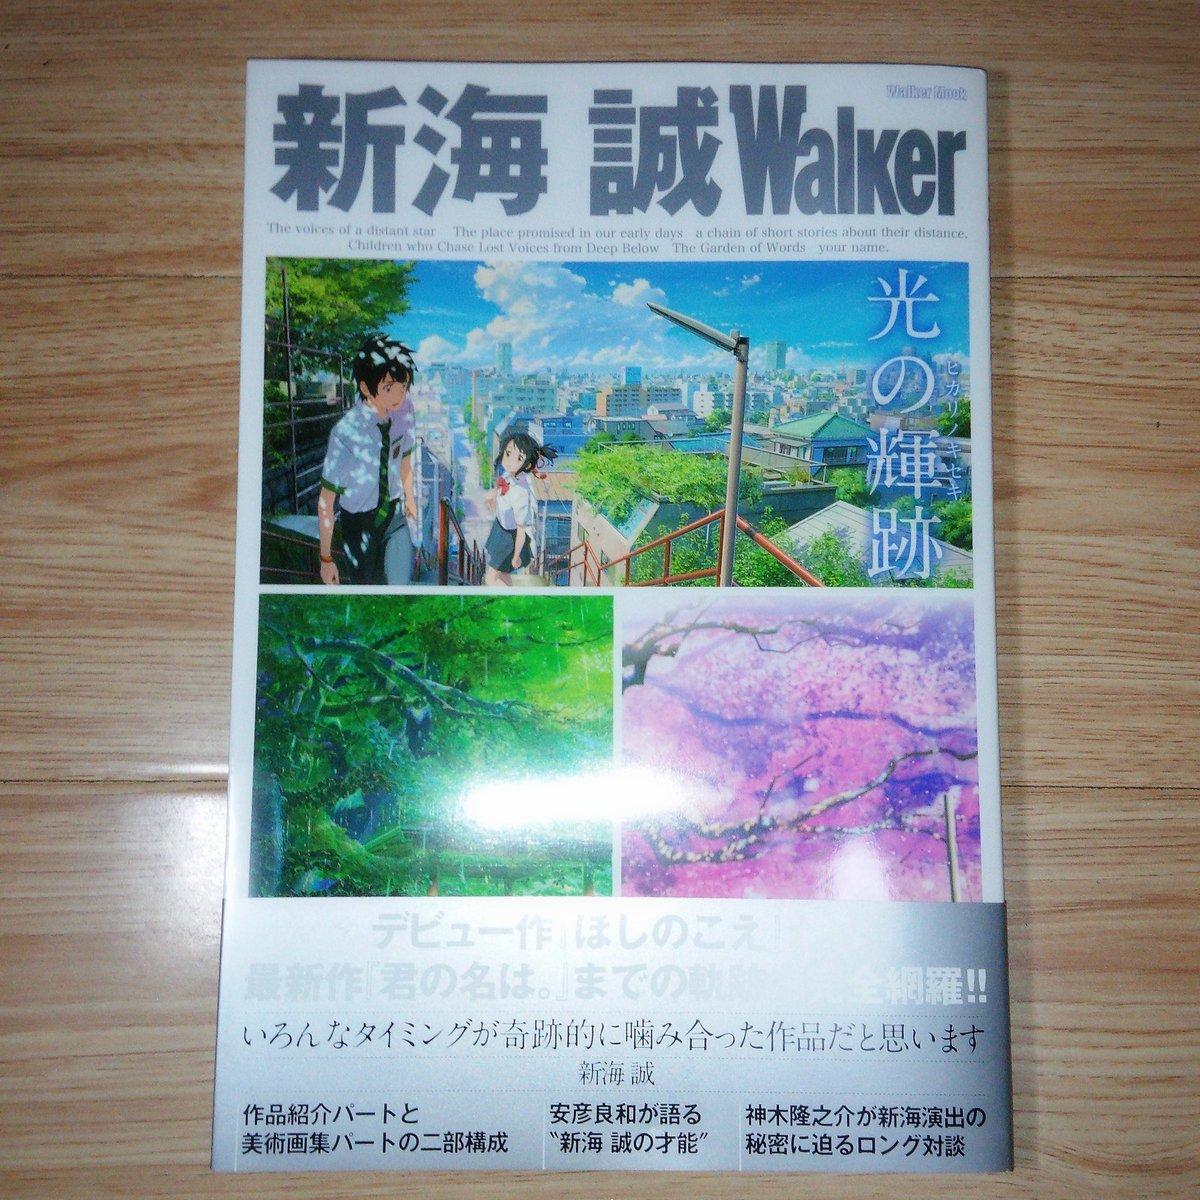 やっと届いた!新海誠さんのウォーカーブックです!大切に読みます!#ほしのこえ #雲のむこう約束の場所 #星を追う子ども